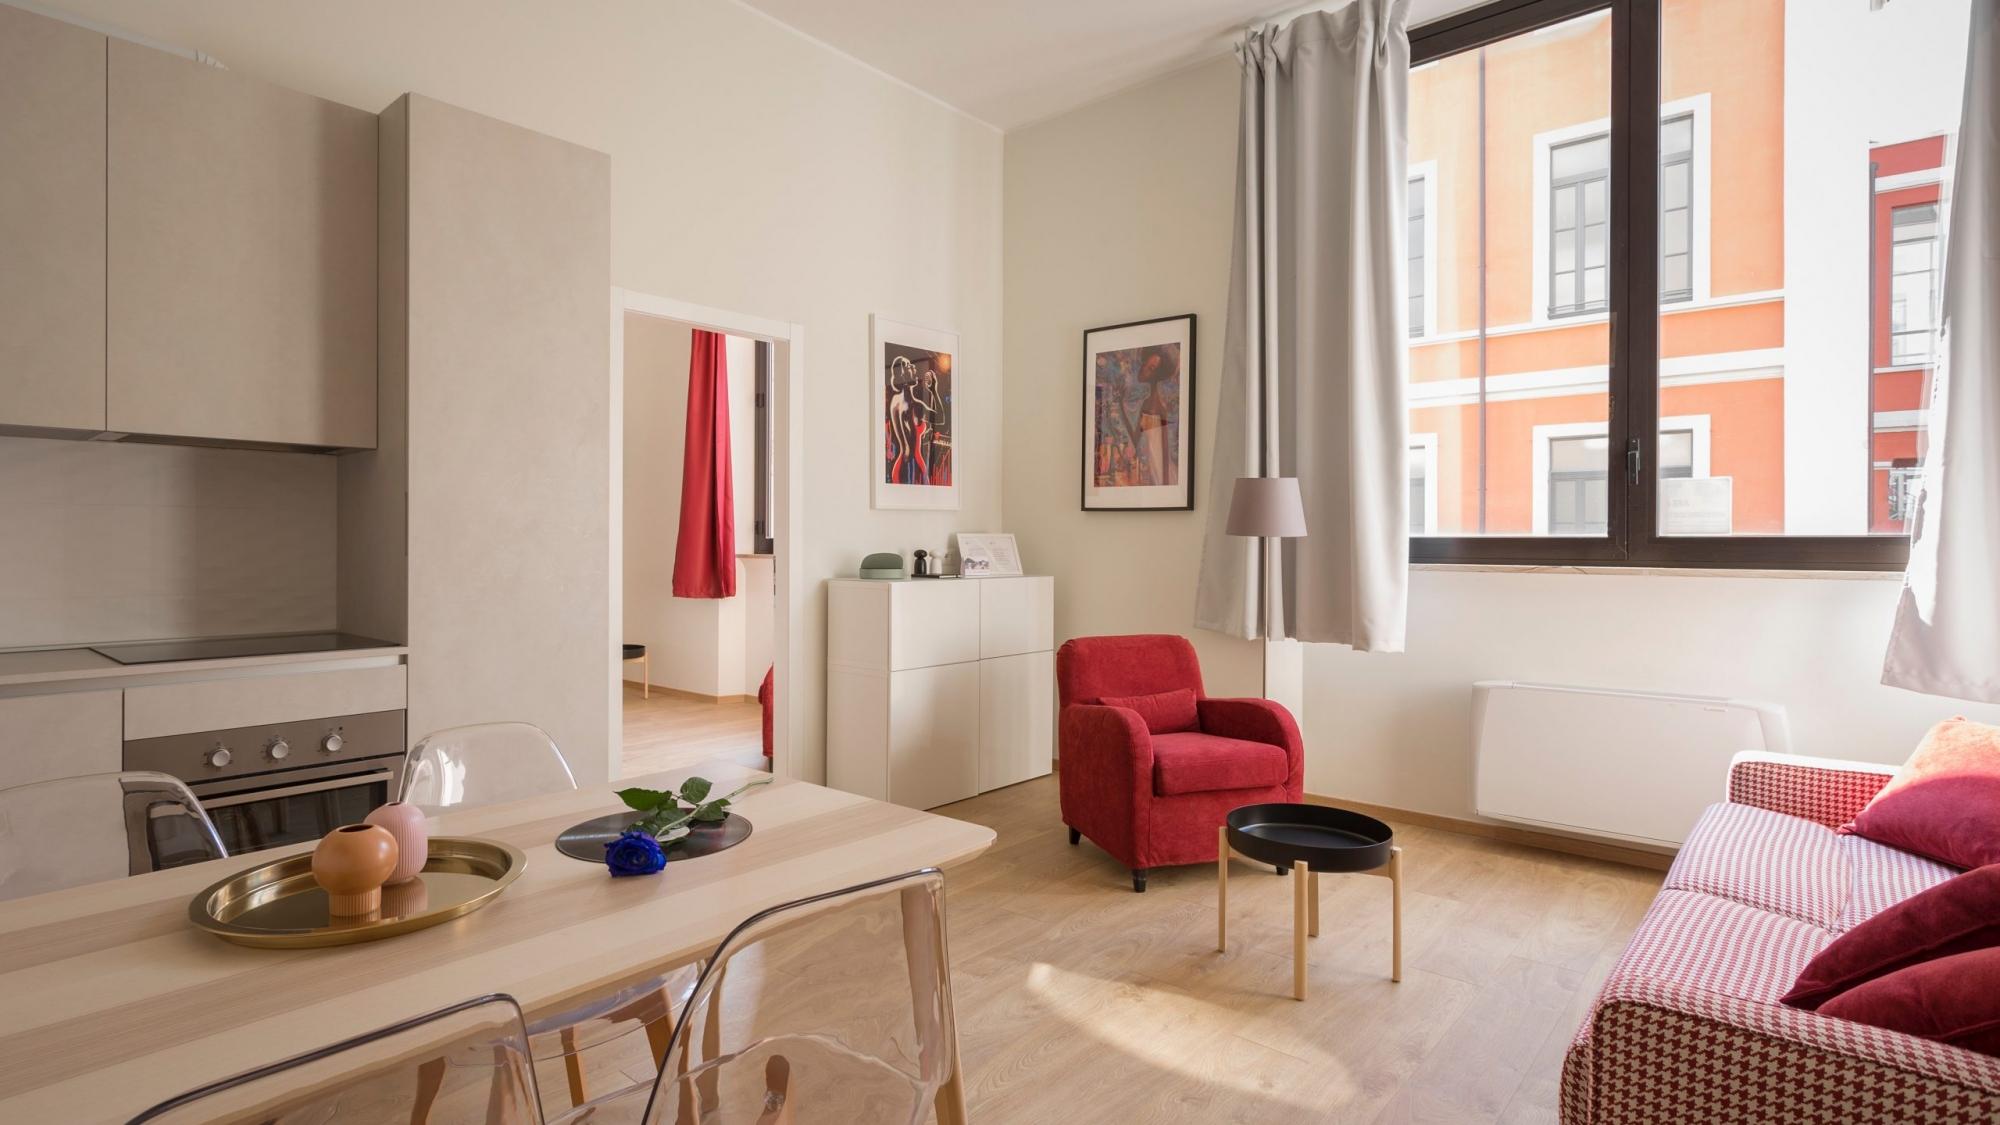 Reforma de una vivienda pequeña - Ámbito d&d